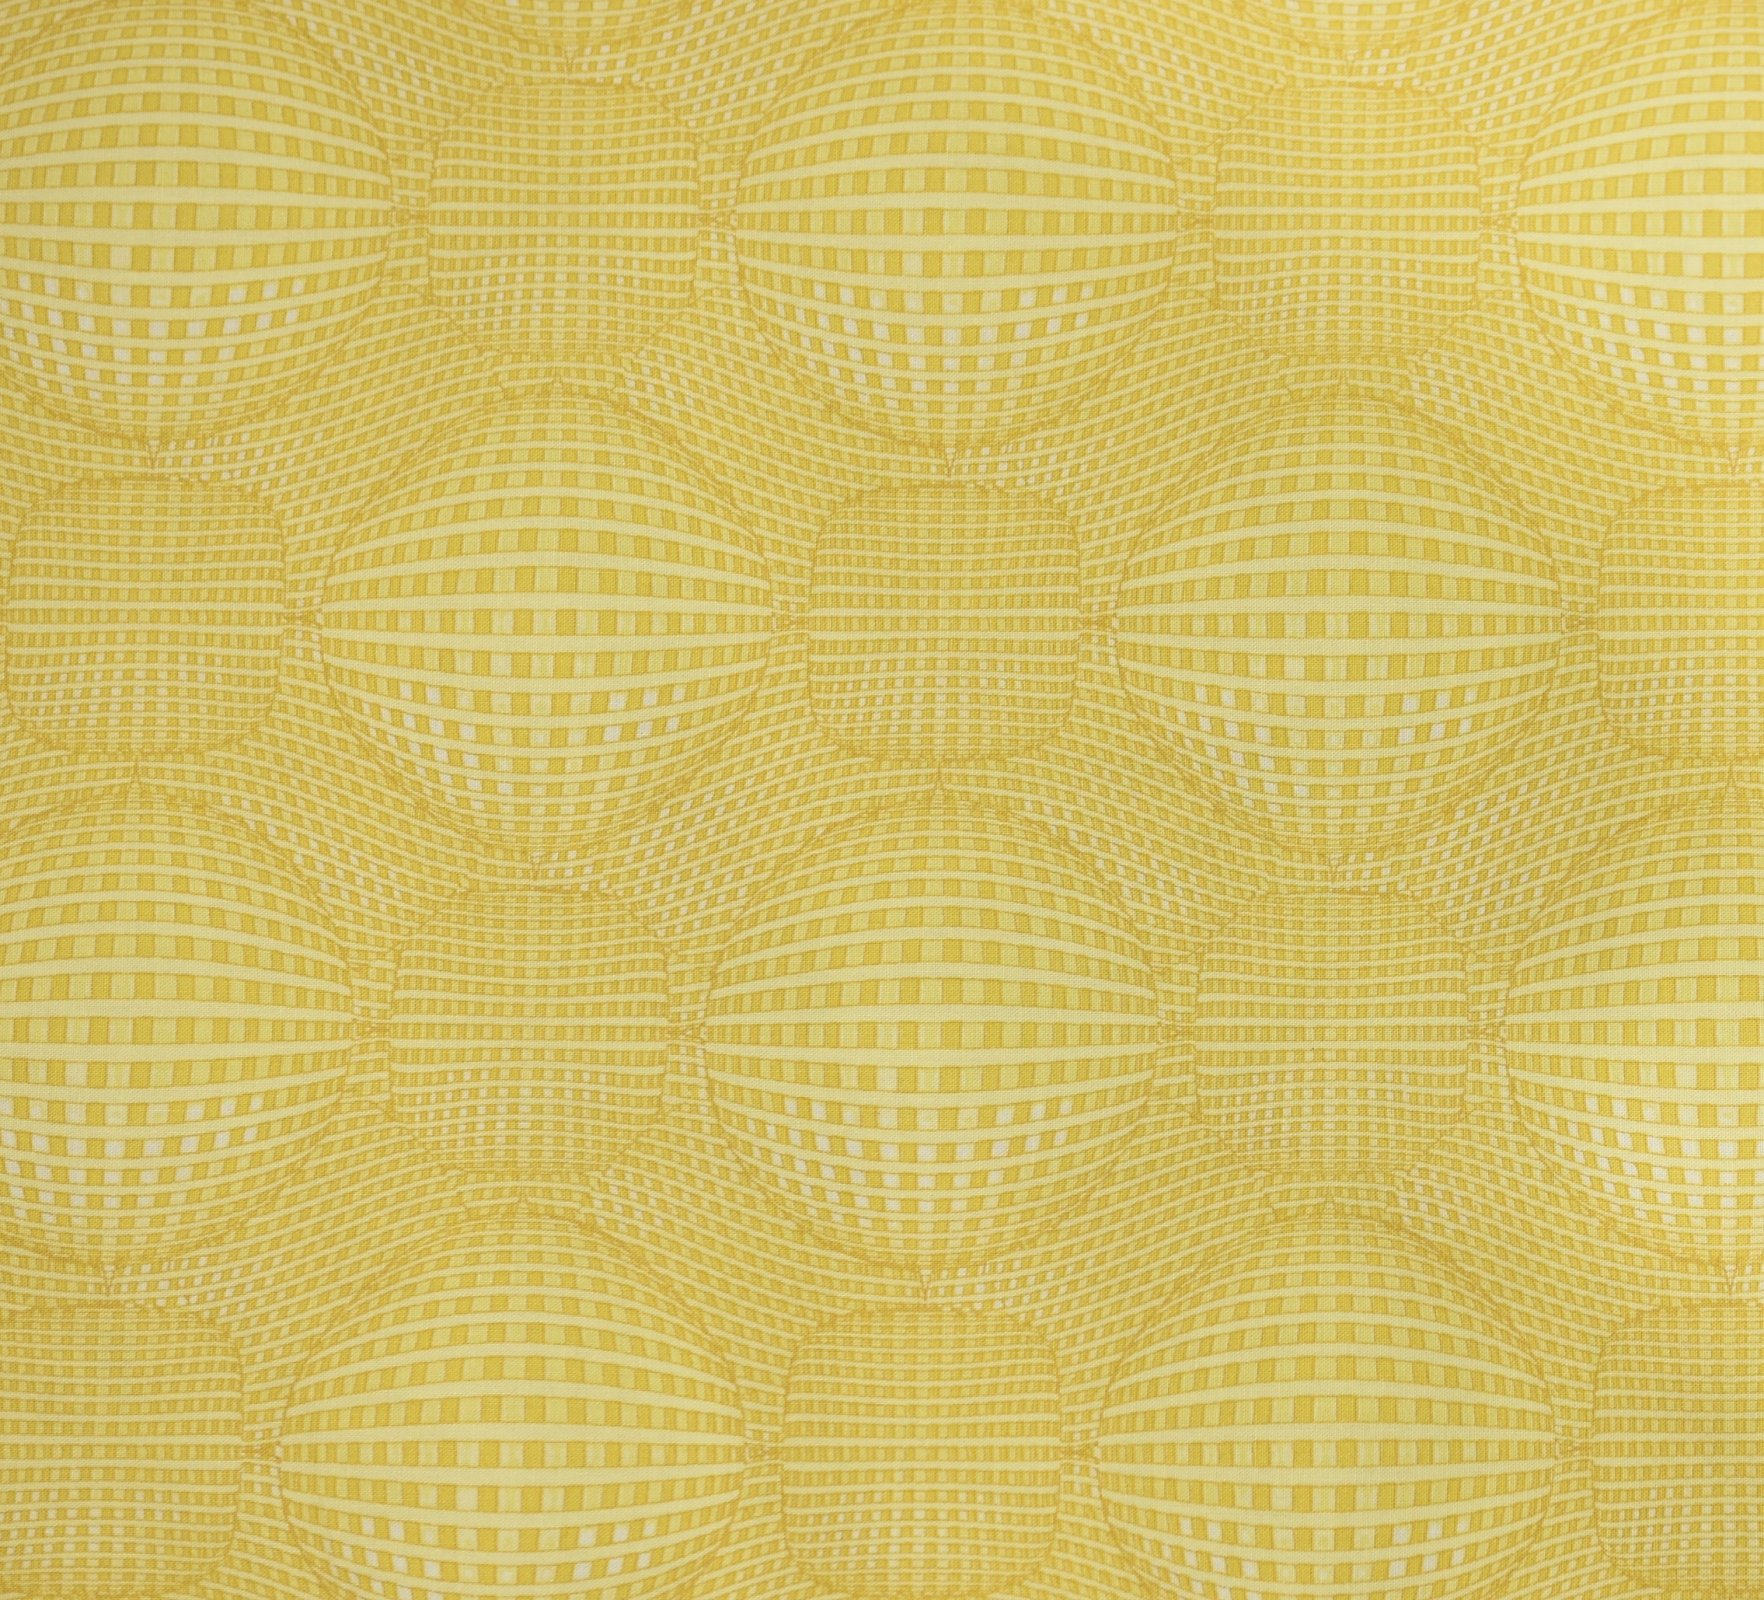 Kei Textiles - Rythme - Graphic Sphere - Yellow